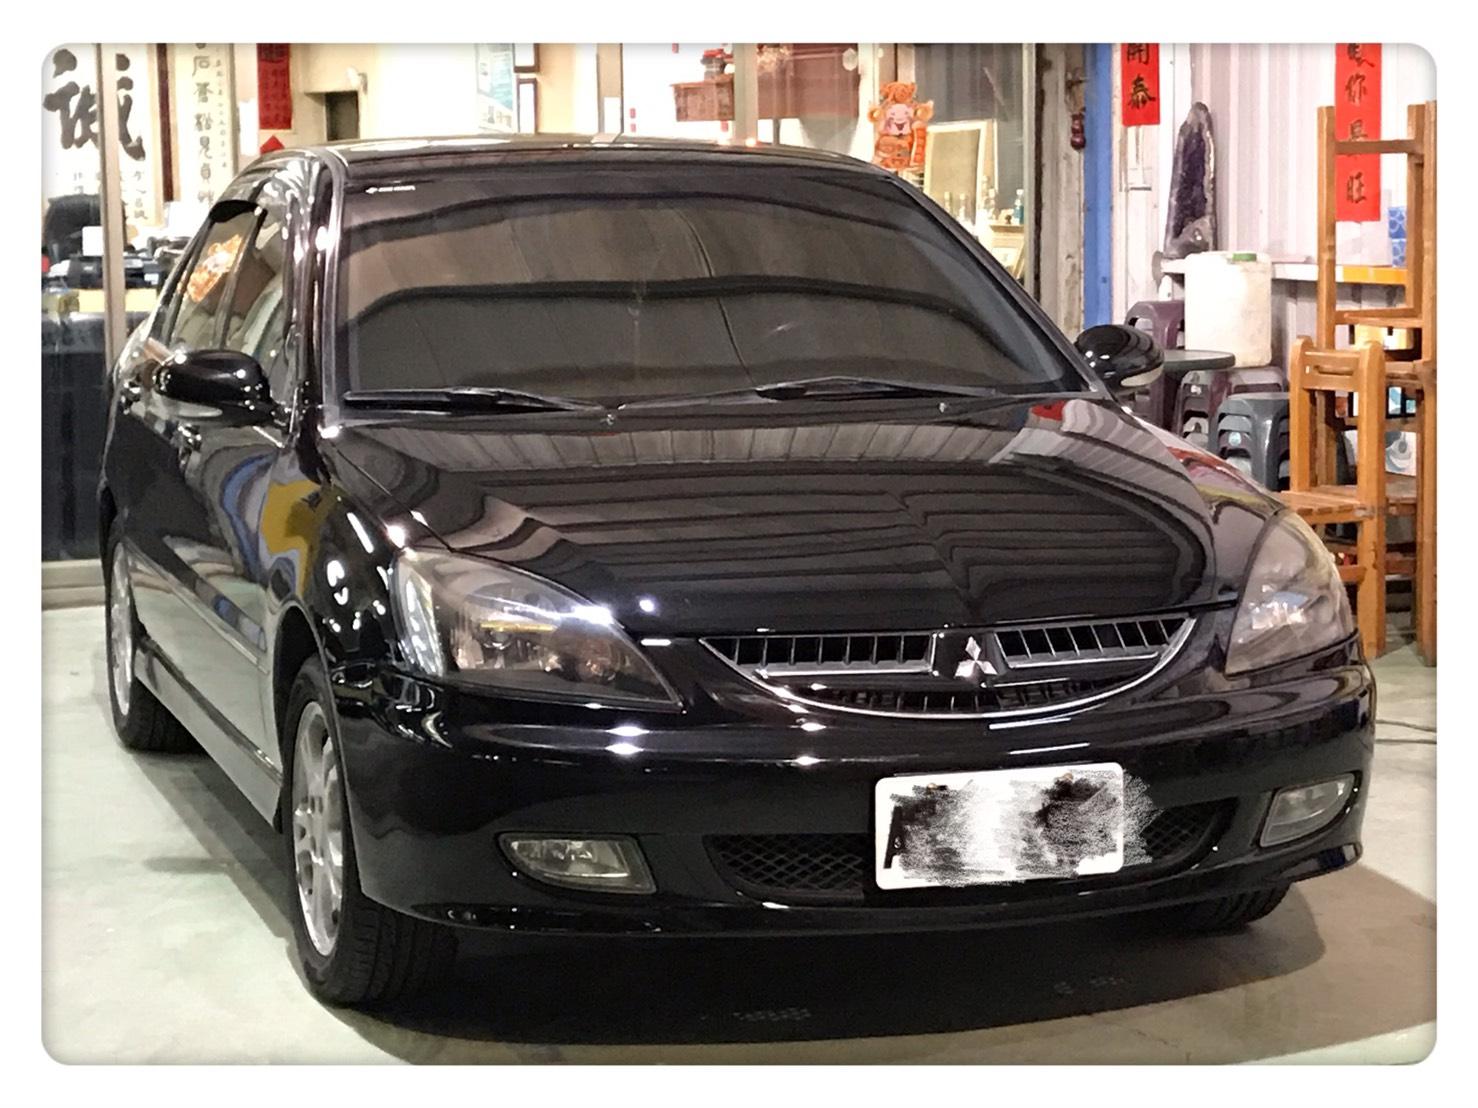 2007 Mitsubishi 三菱 Lancer